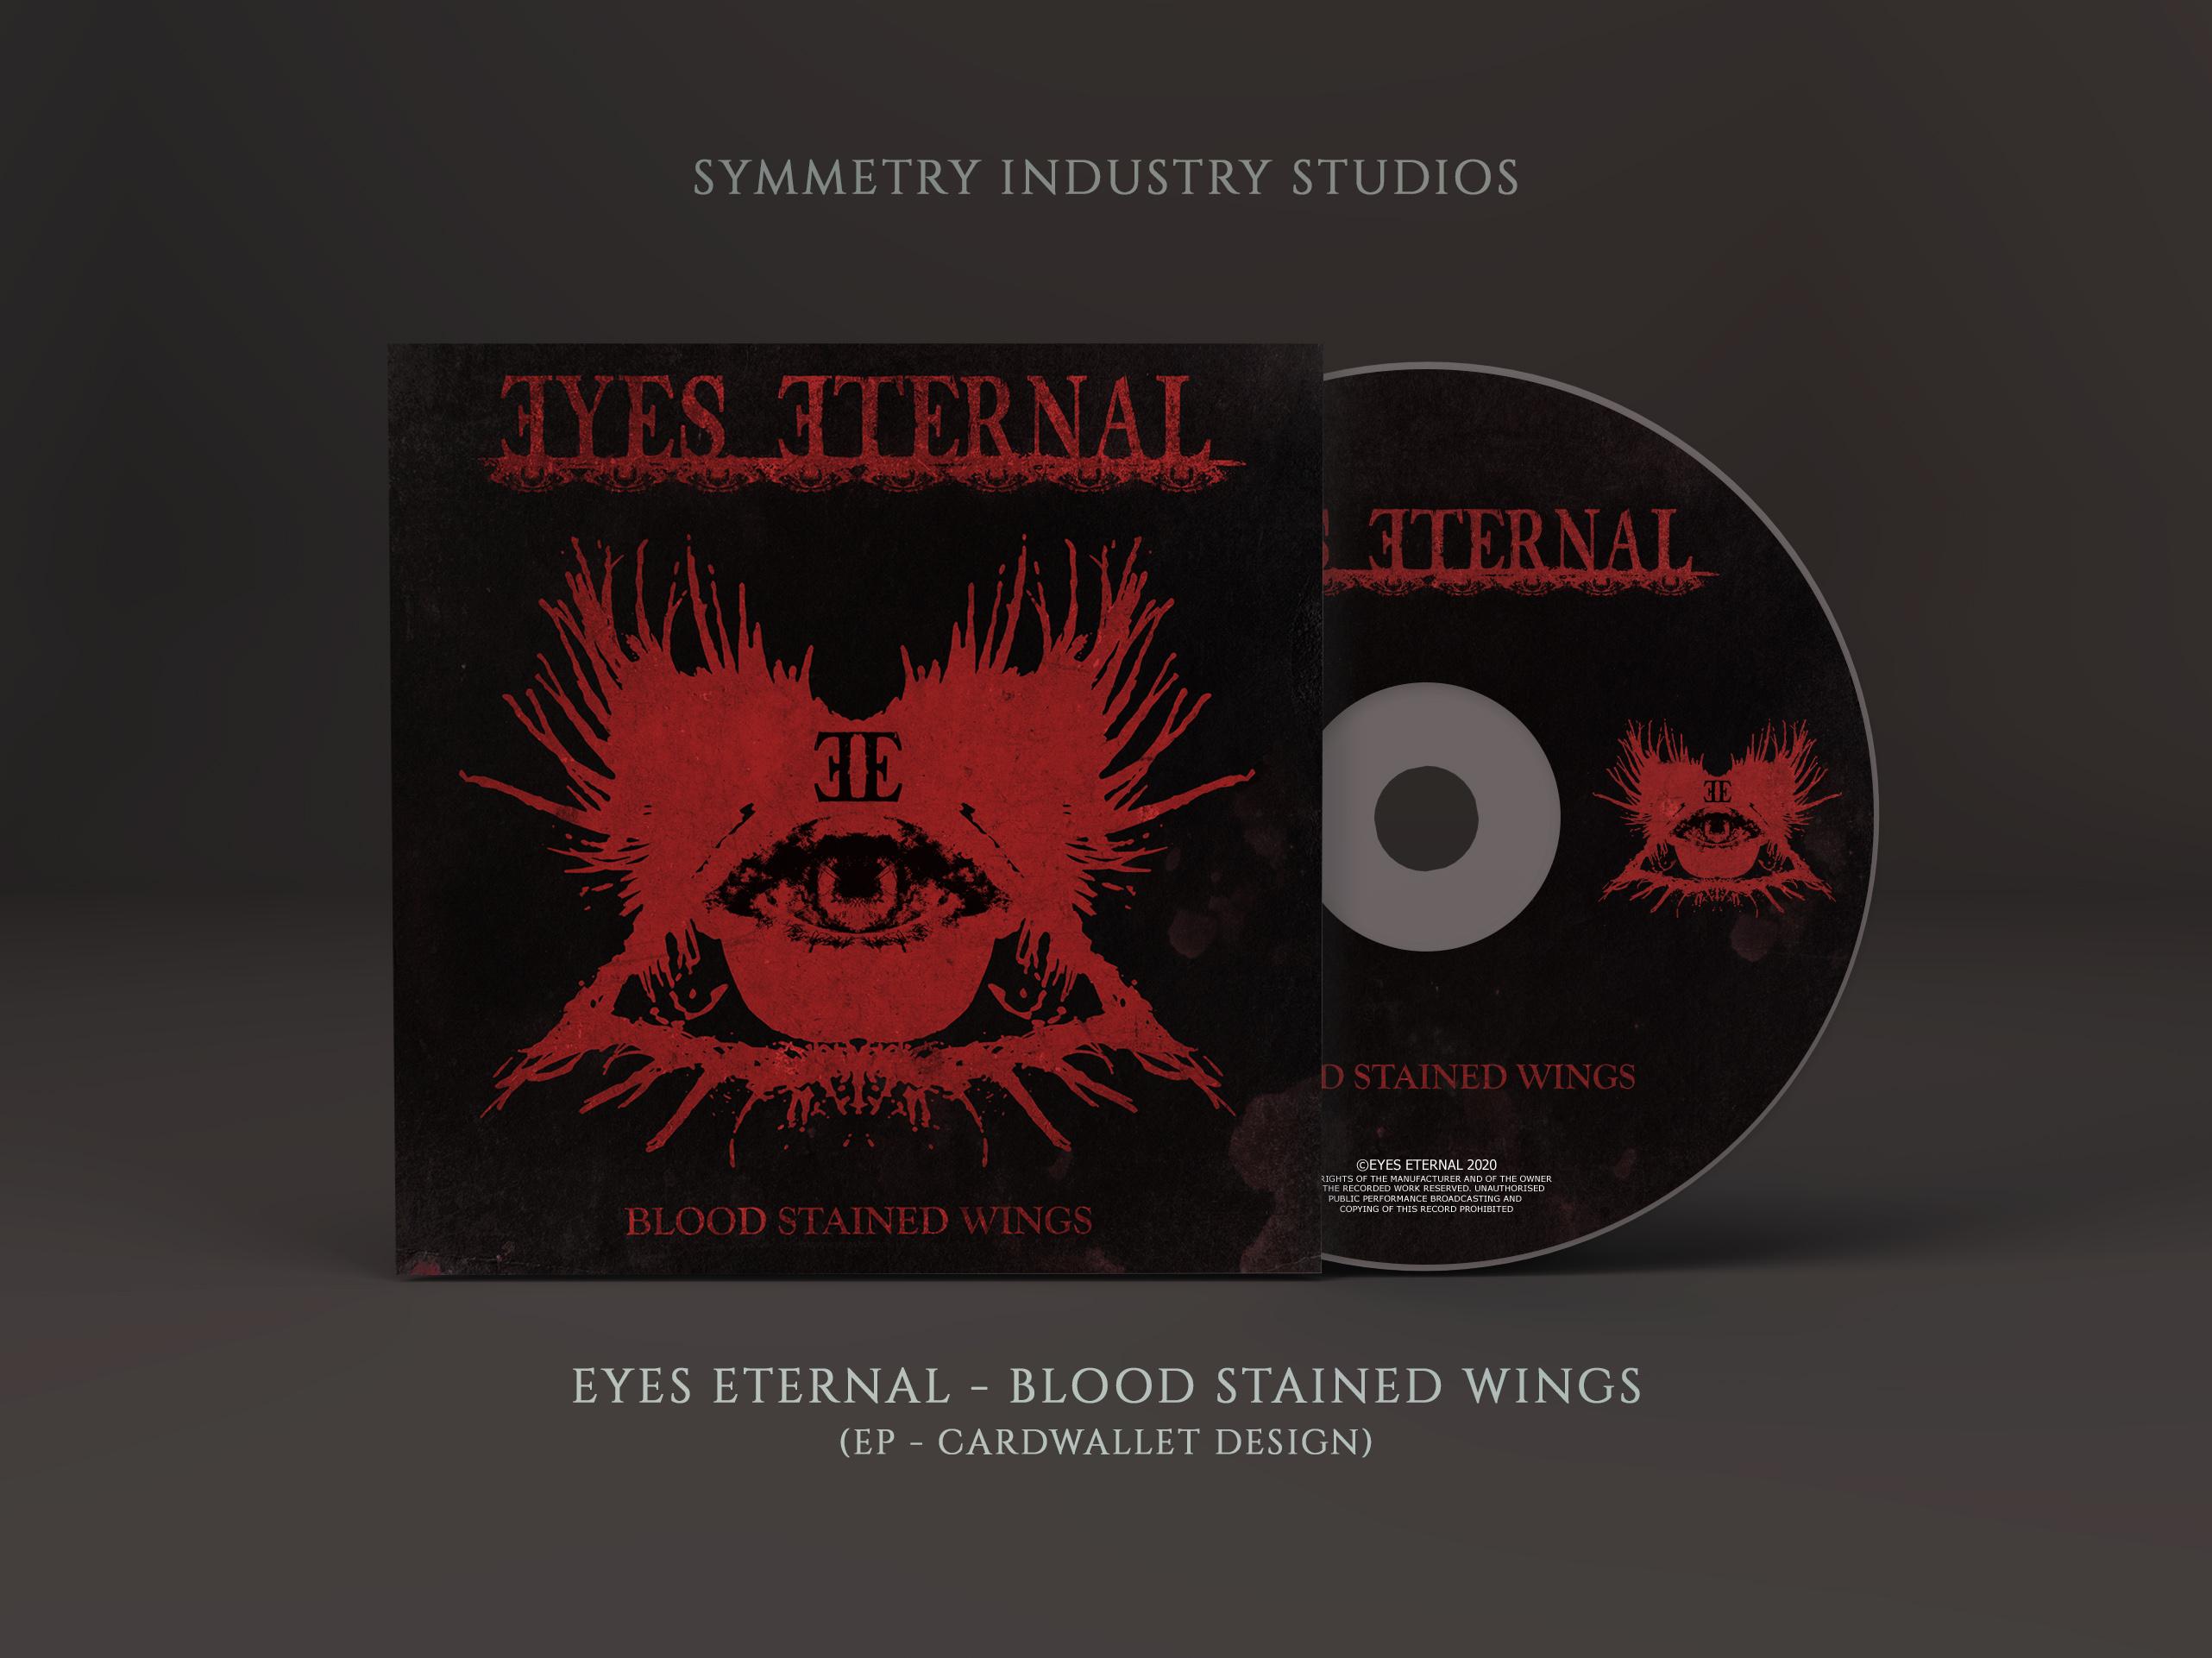 Eyes Eternal - Blood Stained Wings (Mockup)